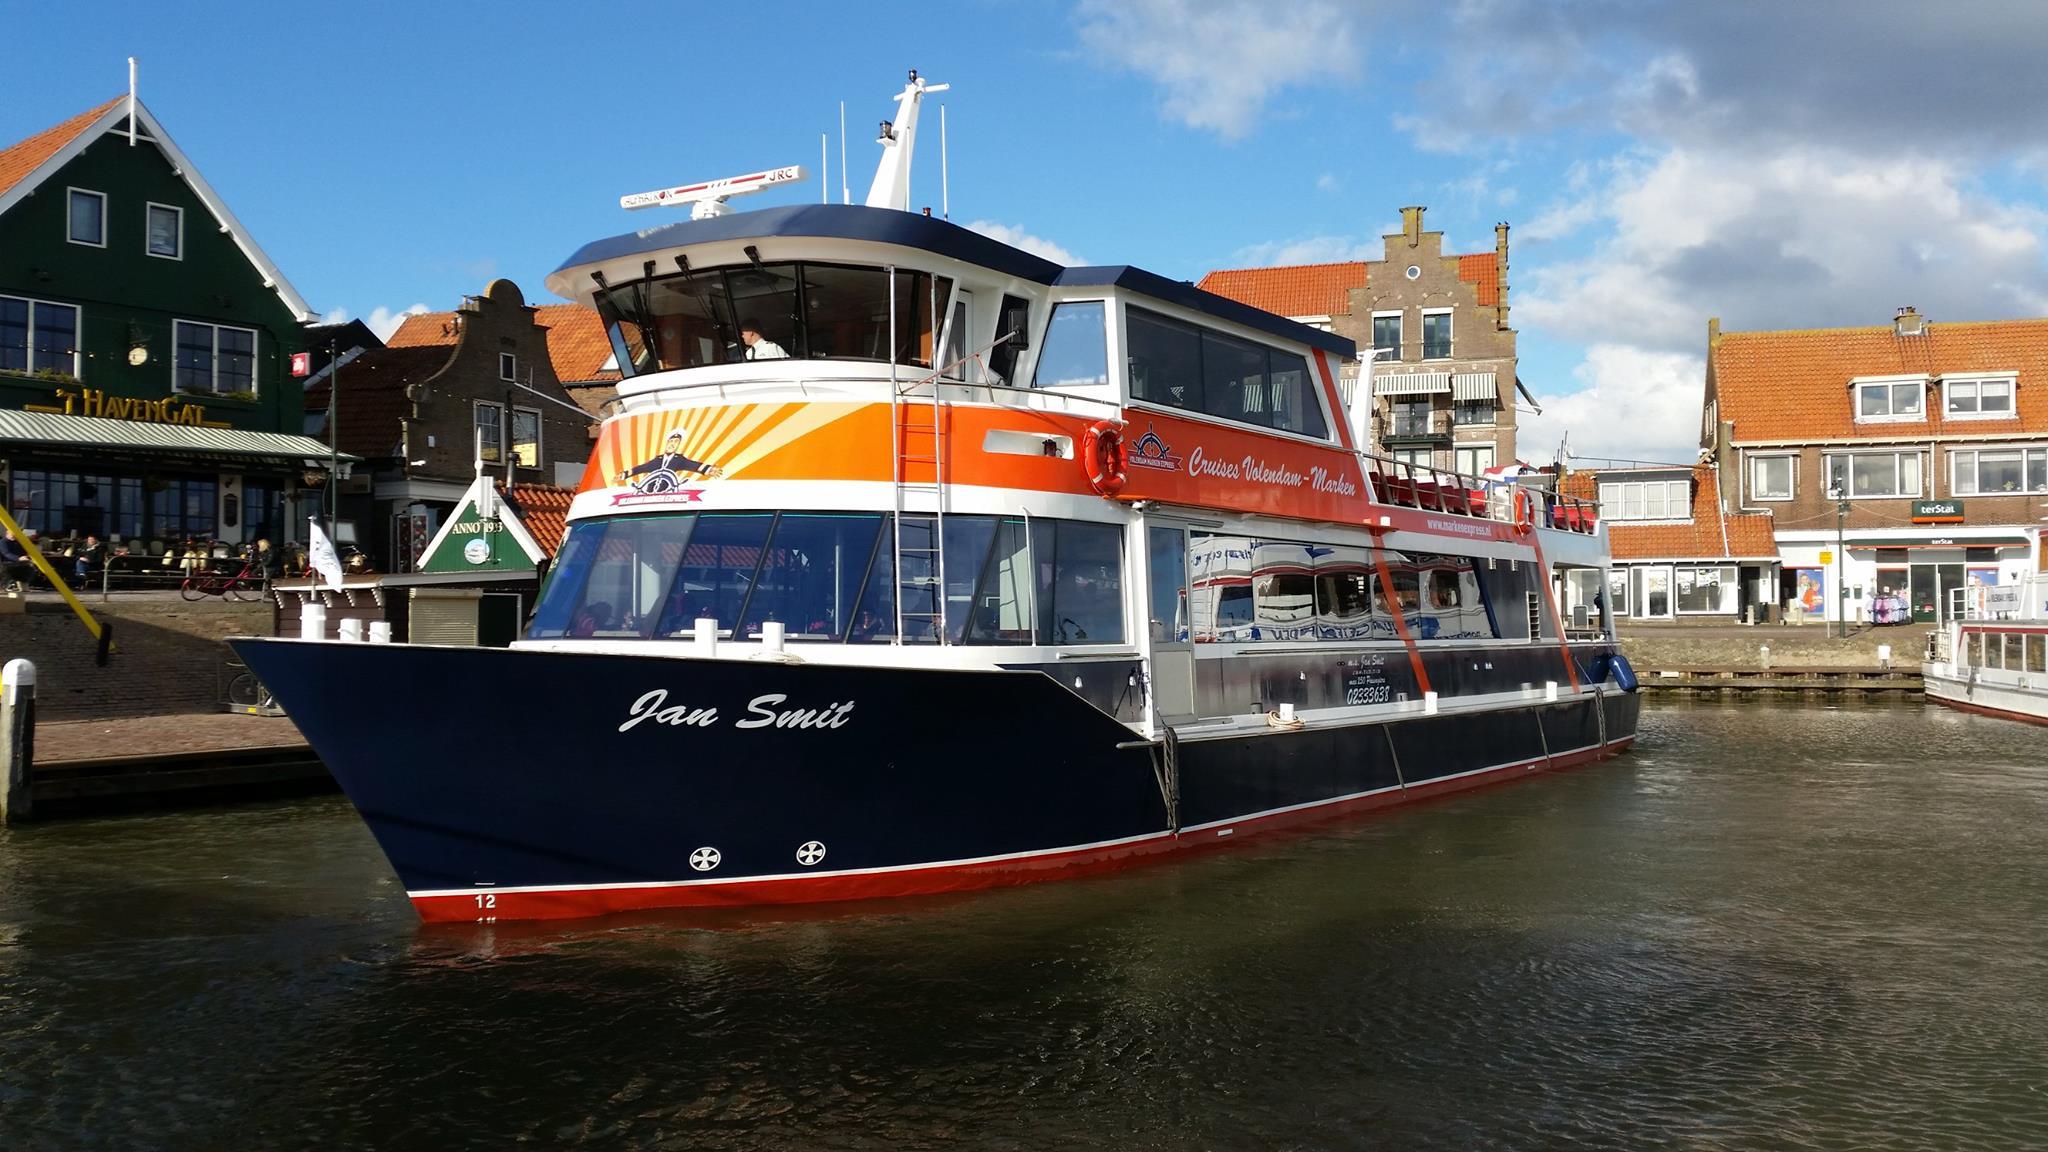 Ms Jan Smit Volendam Marken Express